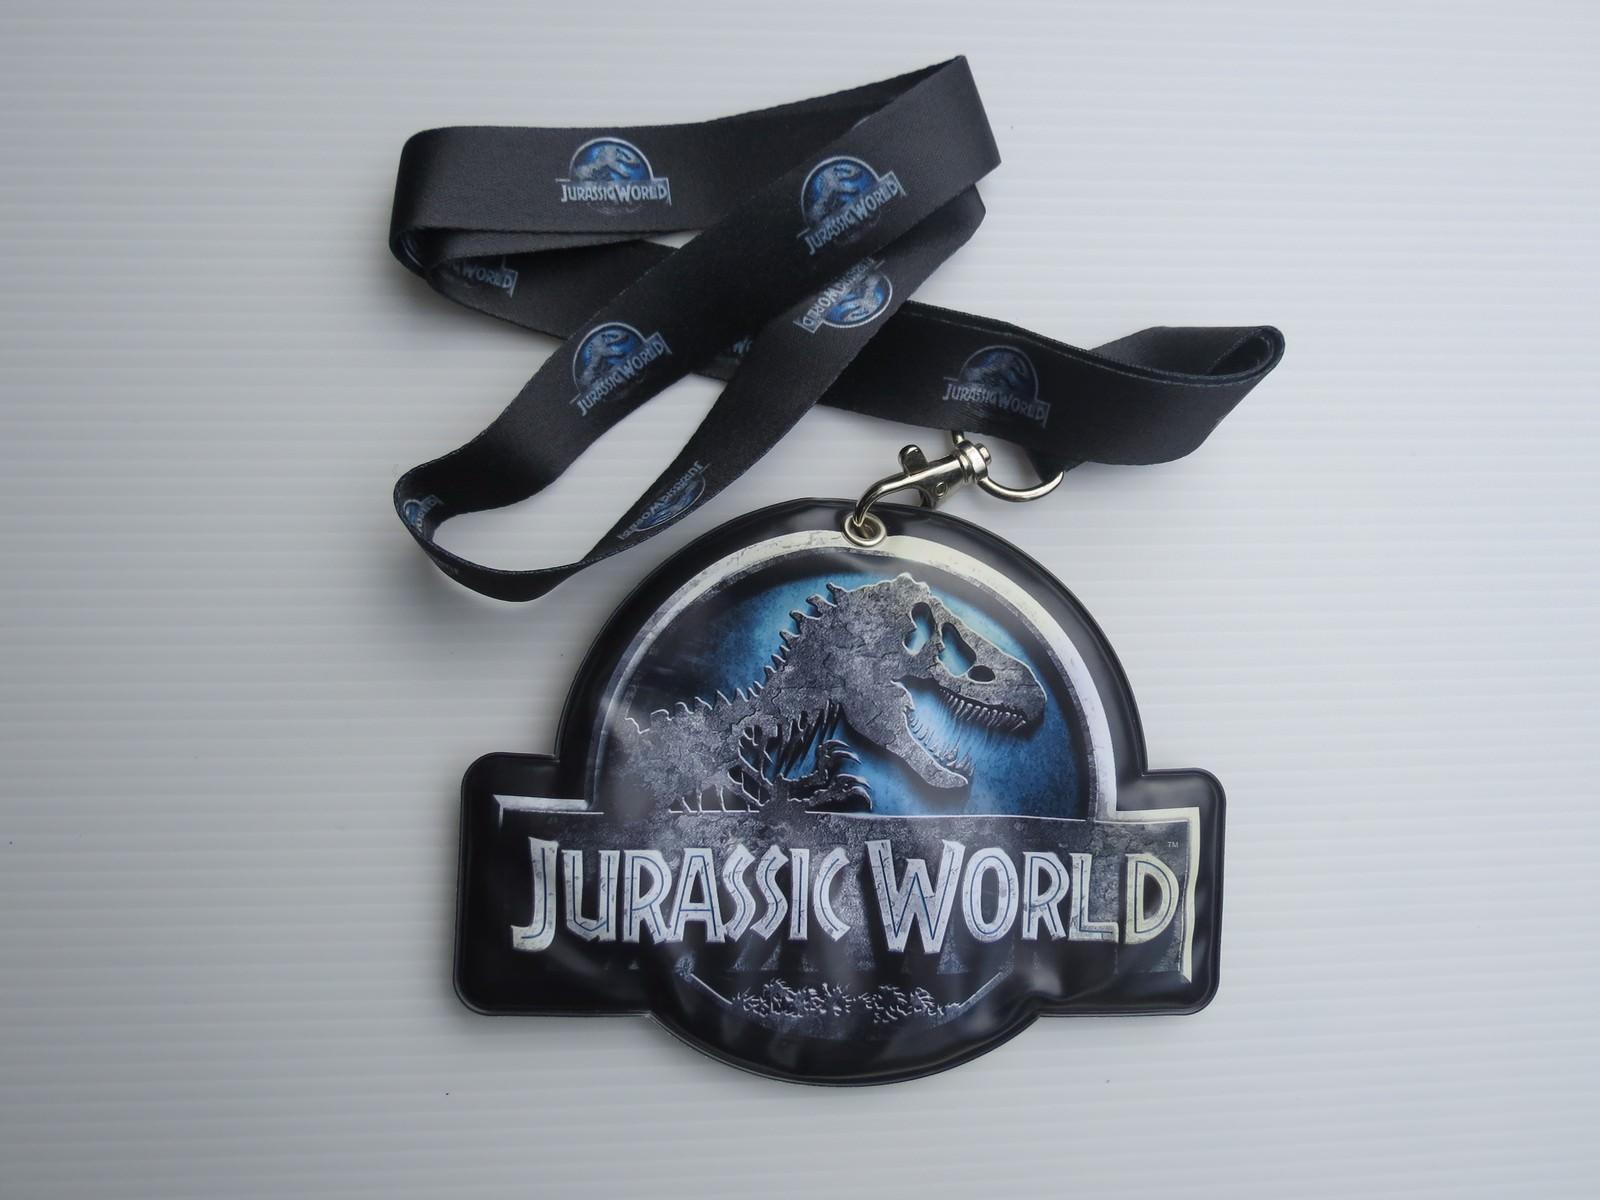 Movie, Jurassic World(美國, 2015年) / 侏羅紀世界(台灣.香港) / 侏罗纪世界(中國), 電影週邊商品